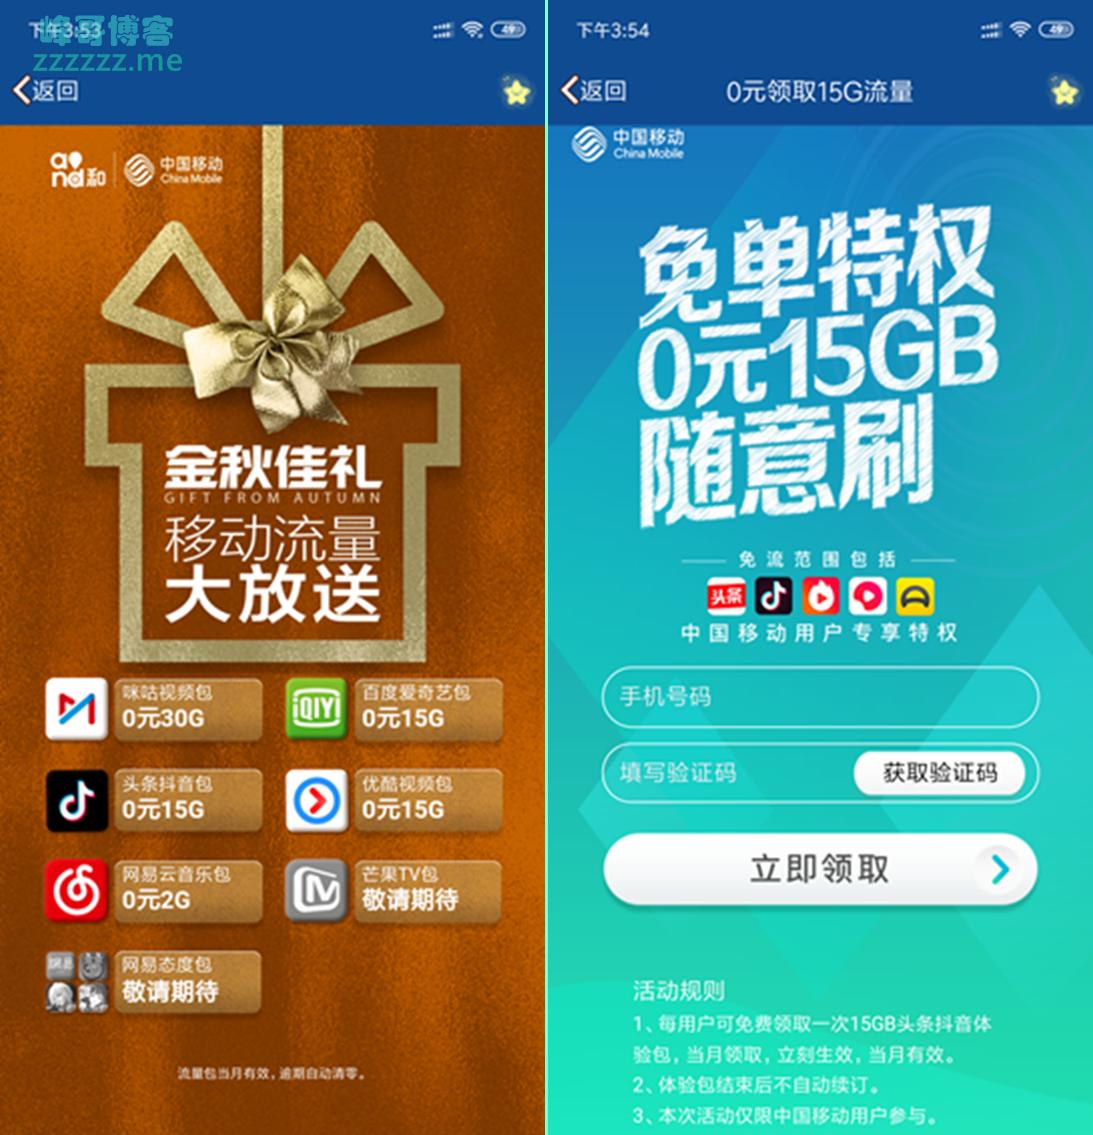 中国移动金秋佳礼流量大放送活动 免费领77GB定向流量